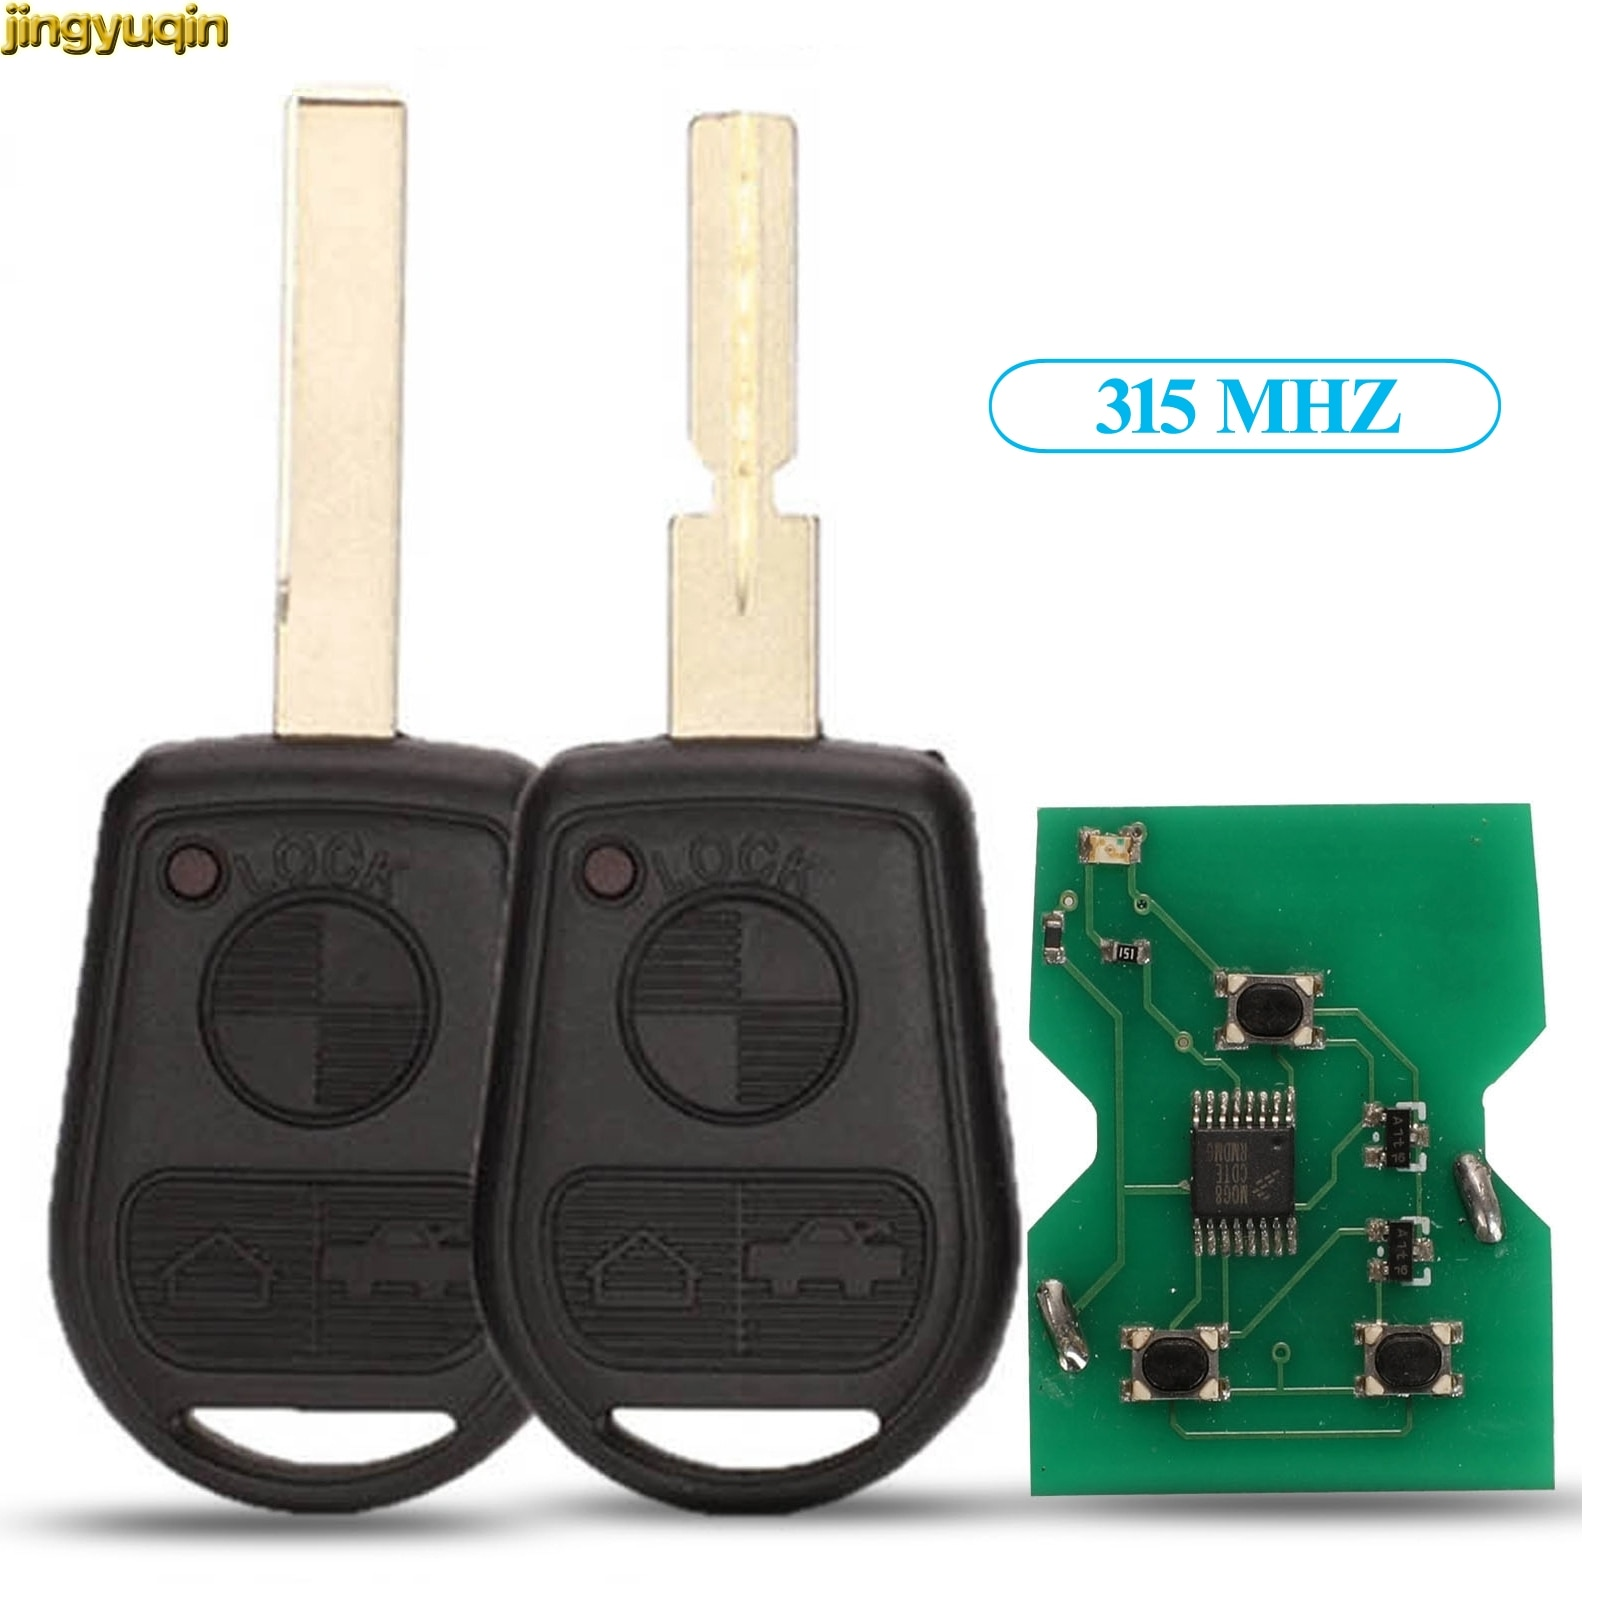 Jingyuqin controle remoto chave do carro 315 mhz para bmw z3 e31 e32 e34 e36 e38 e39 e46 3 botão de controle chave fob